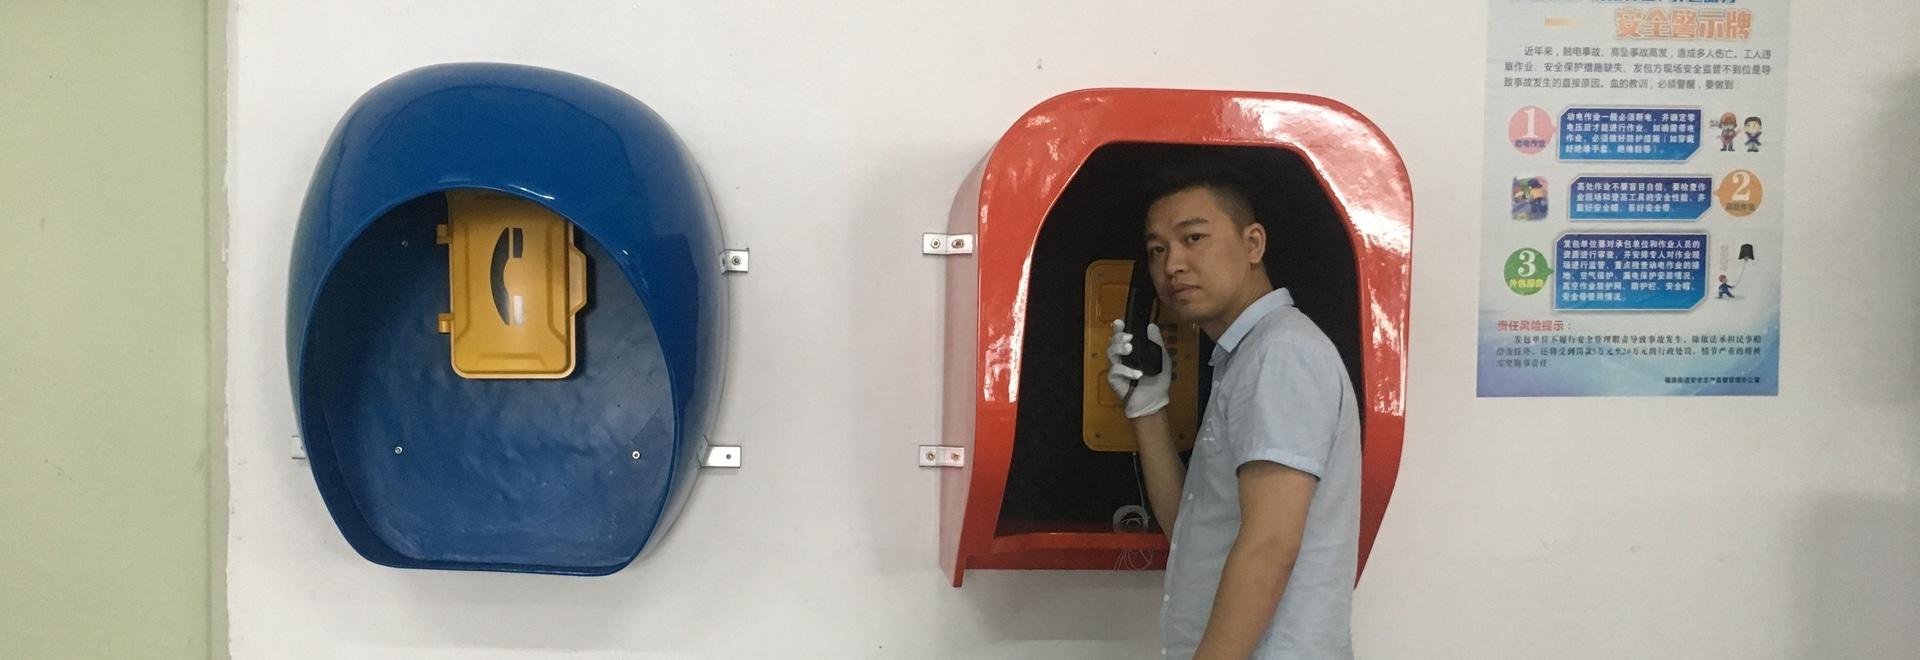 Telefonzellen des JR. im Freien hatten in eine Formfabrik in China installiert